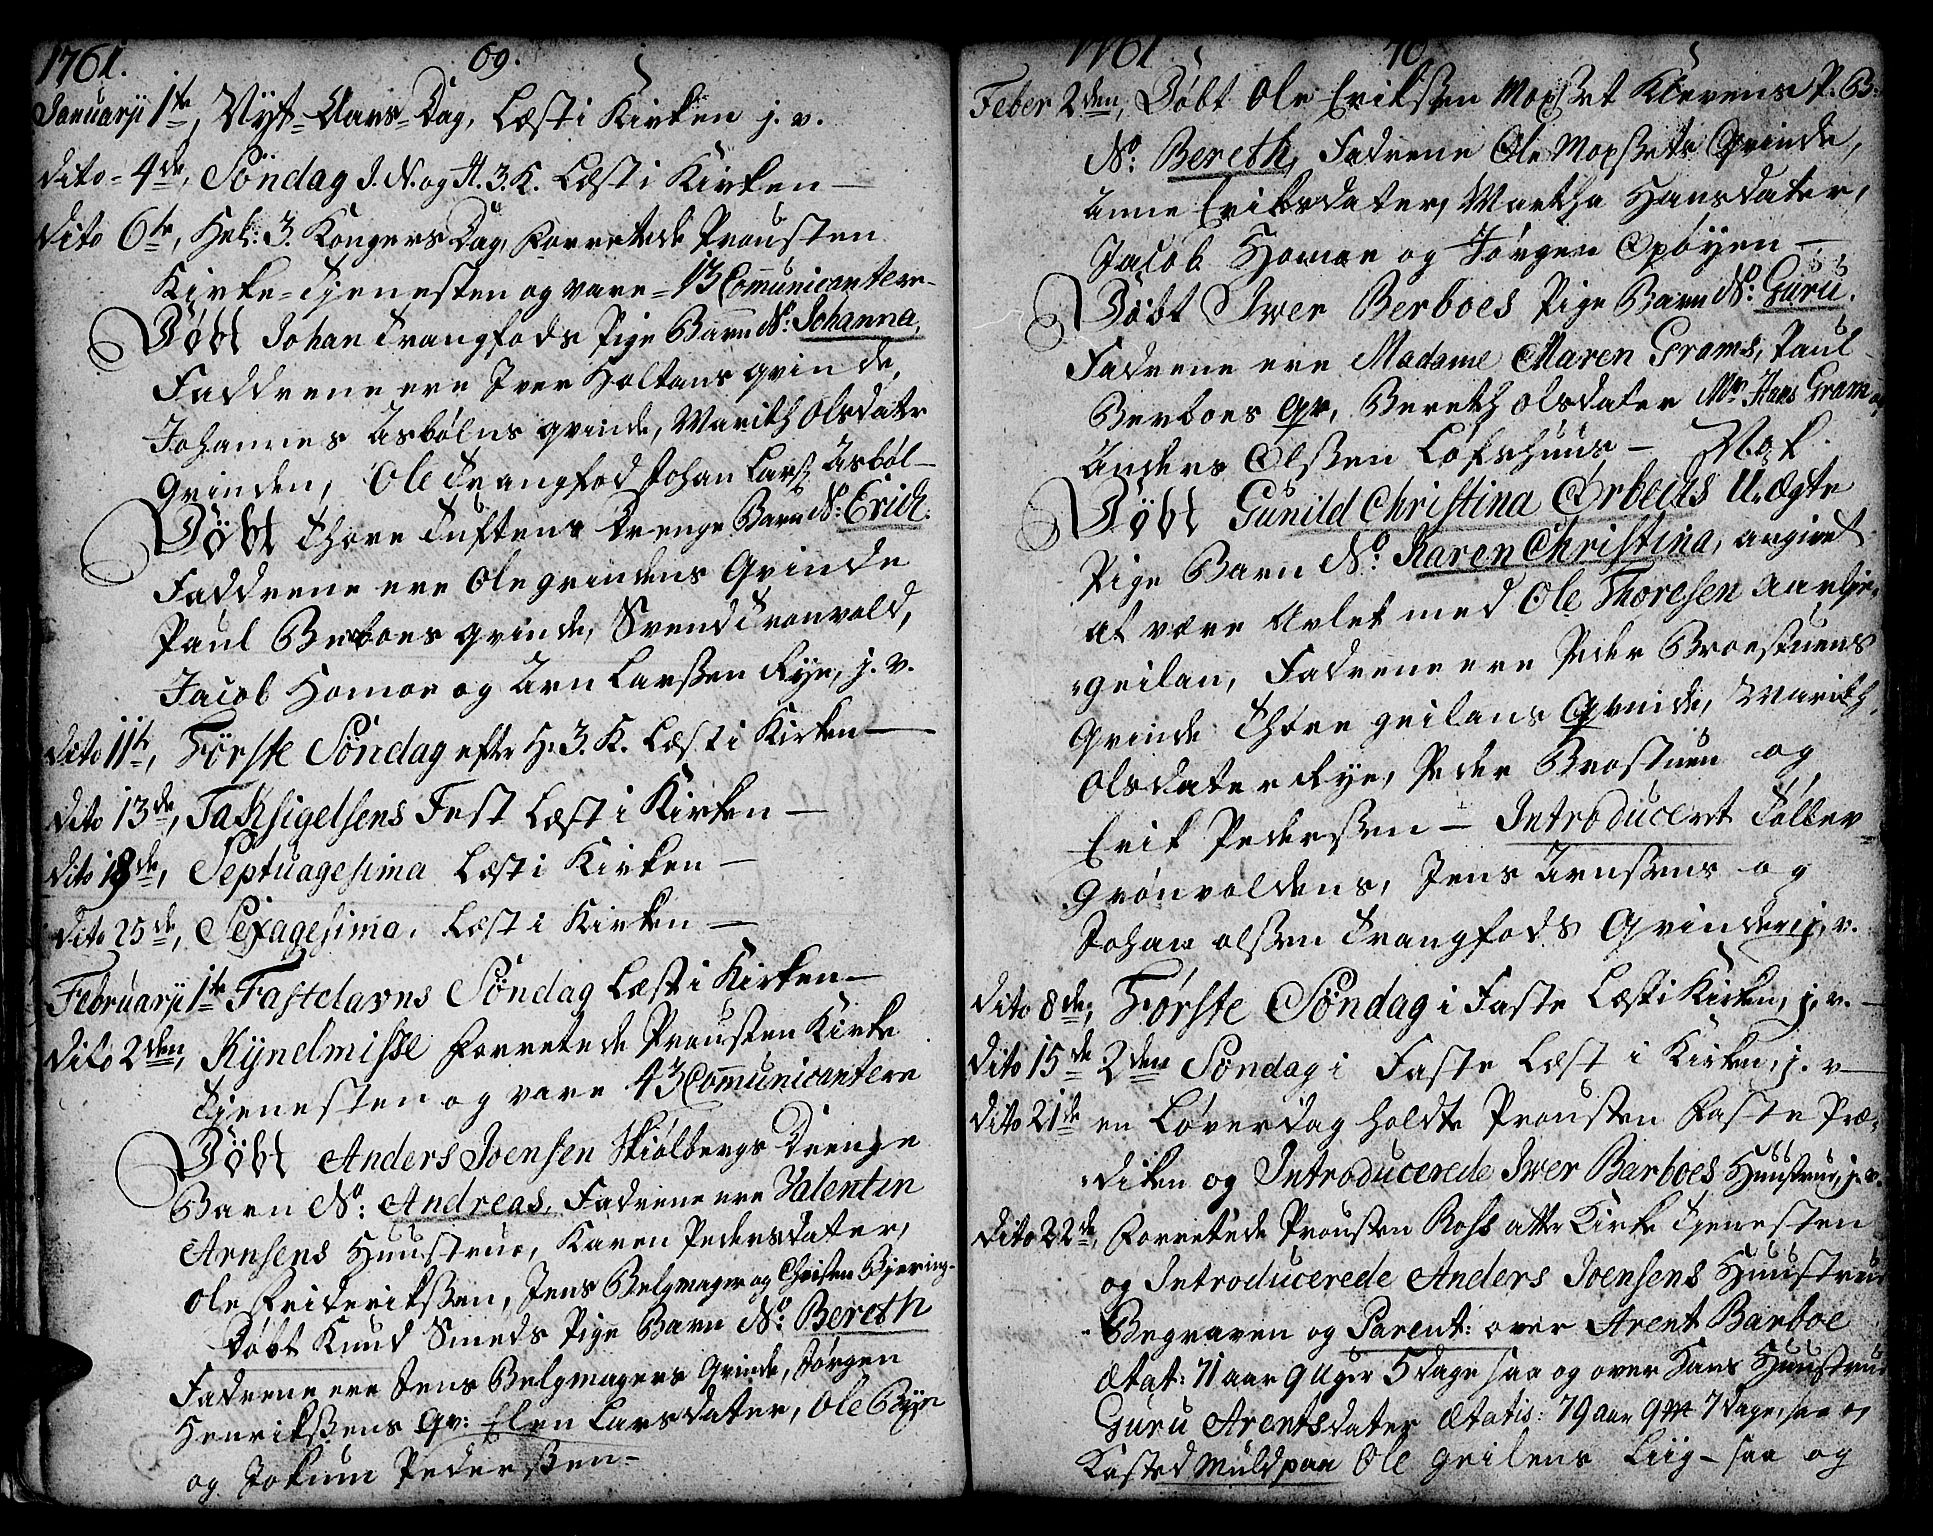 SAT, Ministerialprotokoller, klokkerbøker og fødselsregistre - Sør-Trøndelag, 671/L0840: Ministerialbok nr. 671A02, 1756-1794, s. 69-70